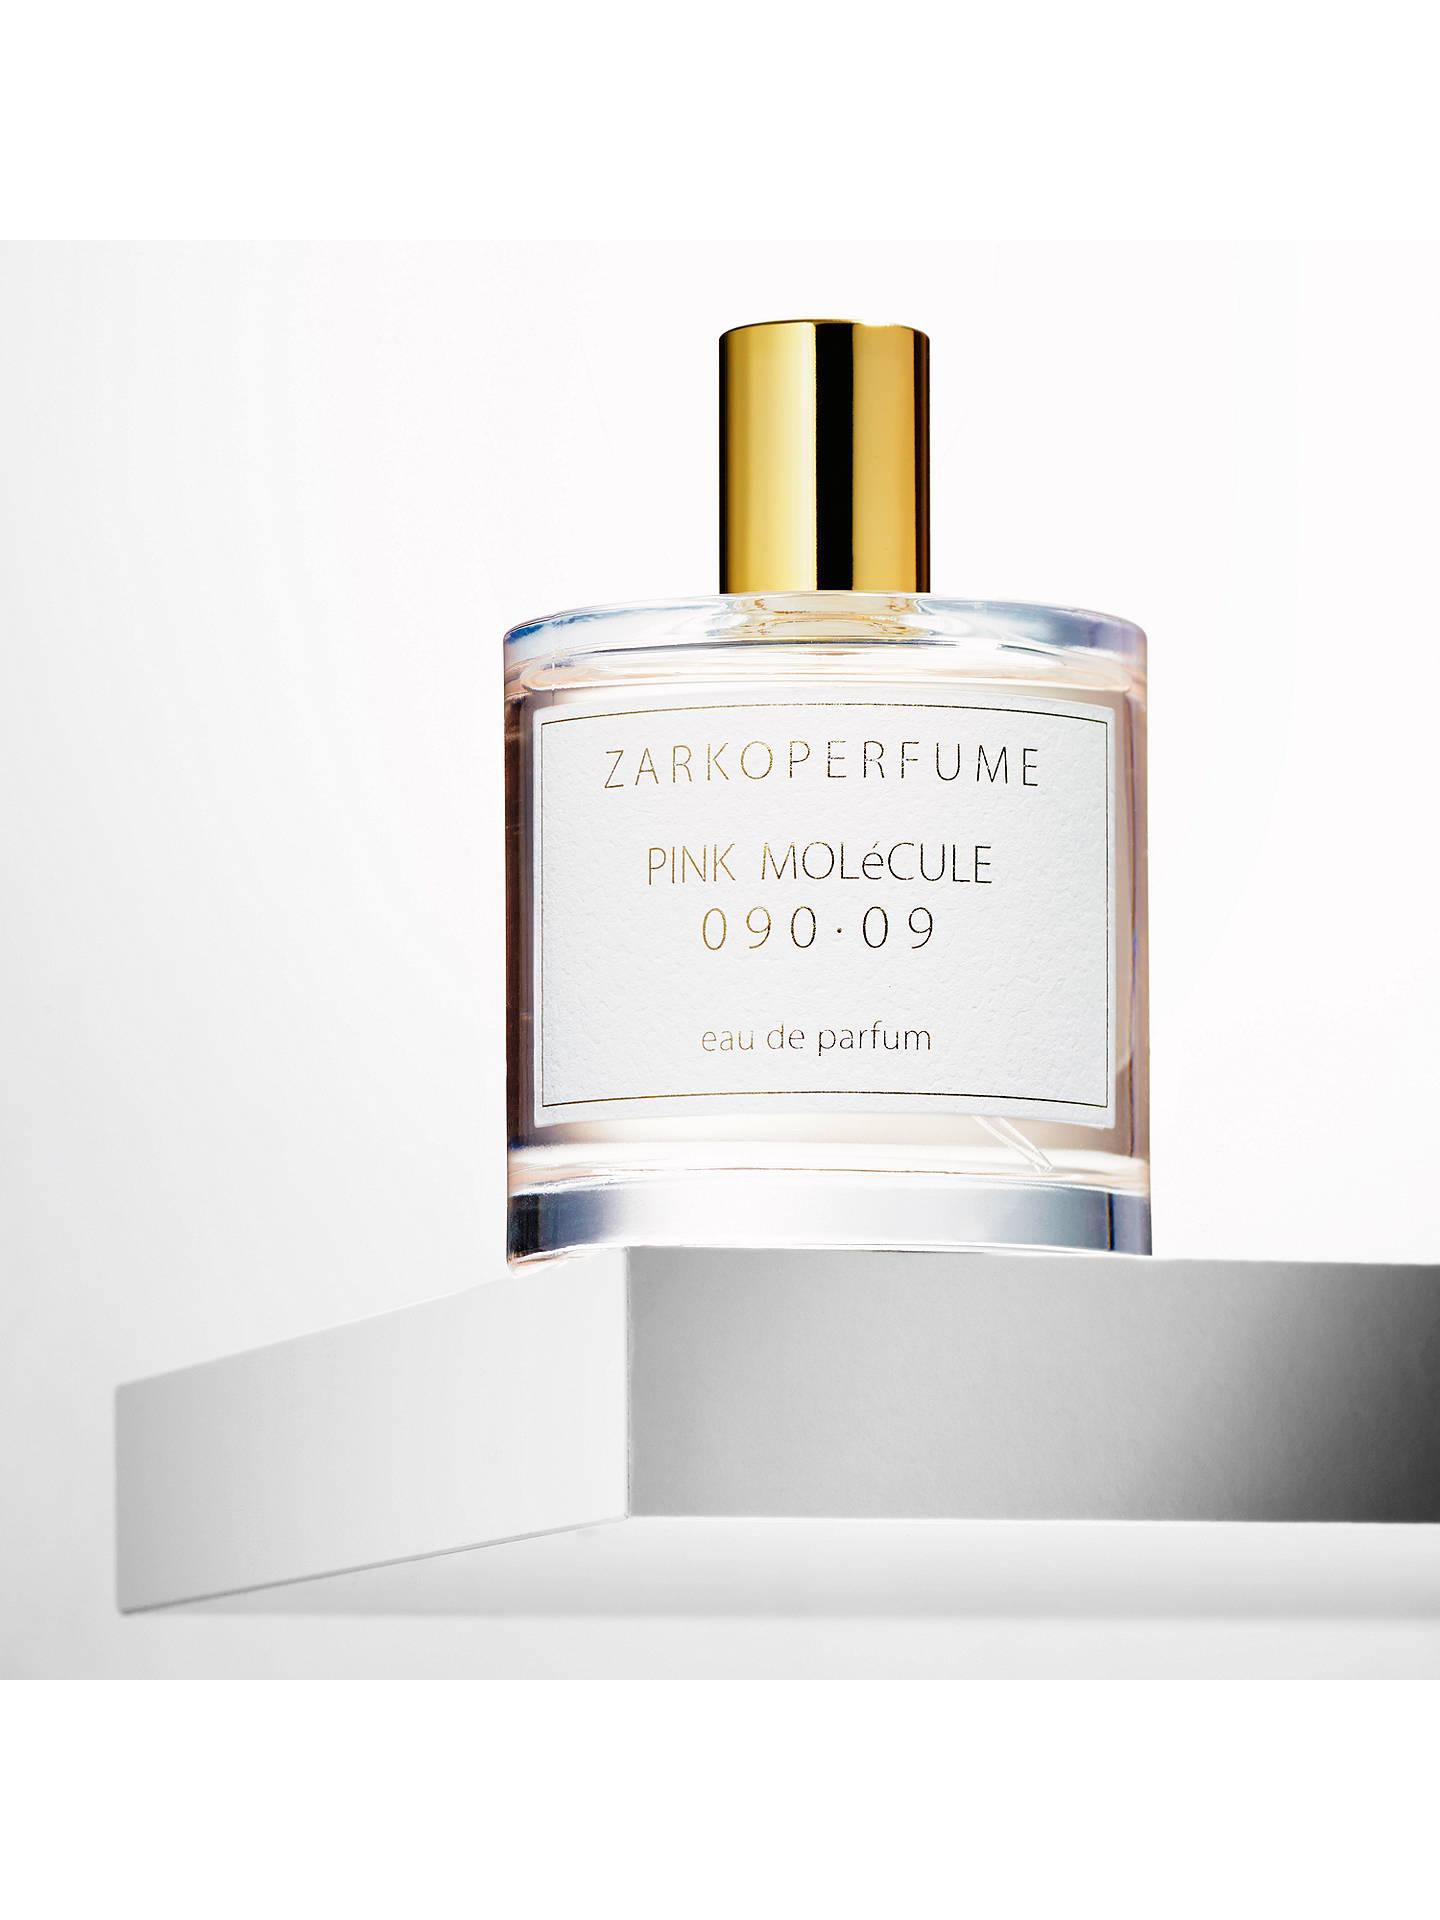 Moderne ZARKOPERFUME Pink Molécule 090.09 Eau de Parfum, 100ml at John YA-56